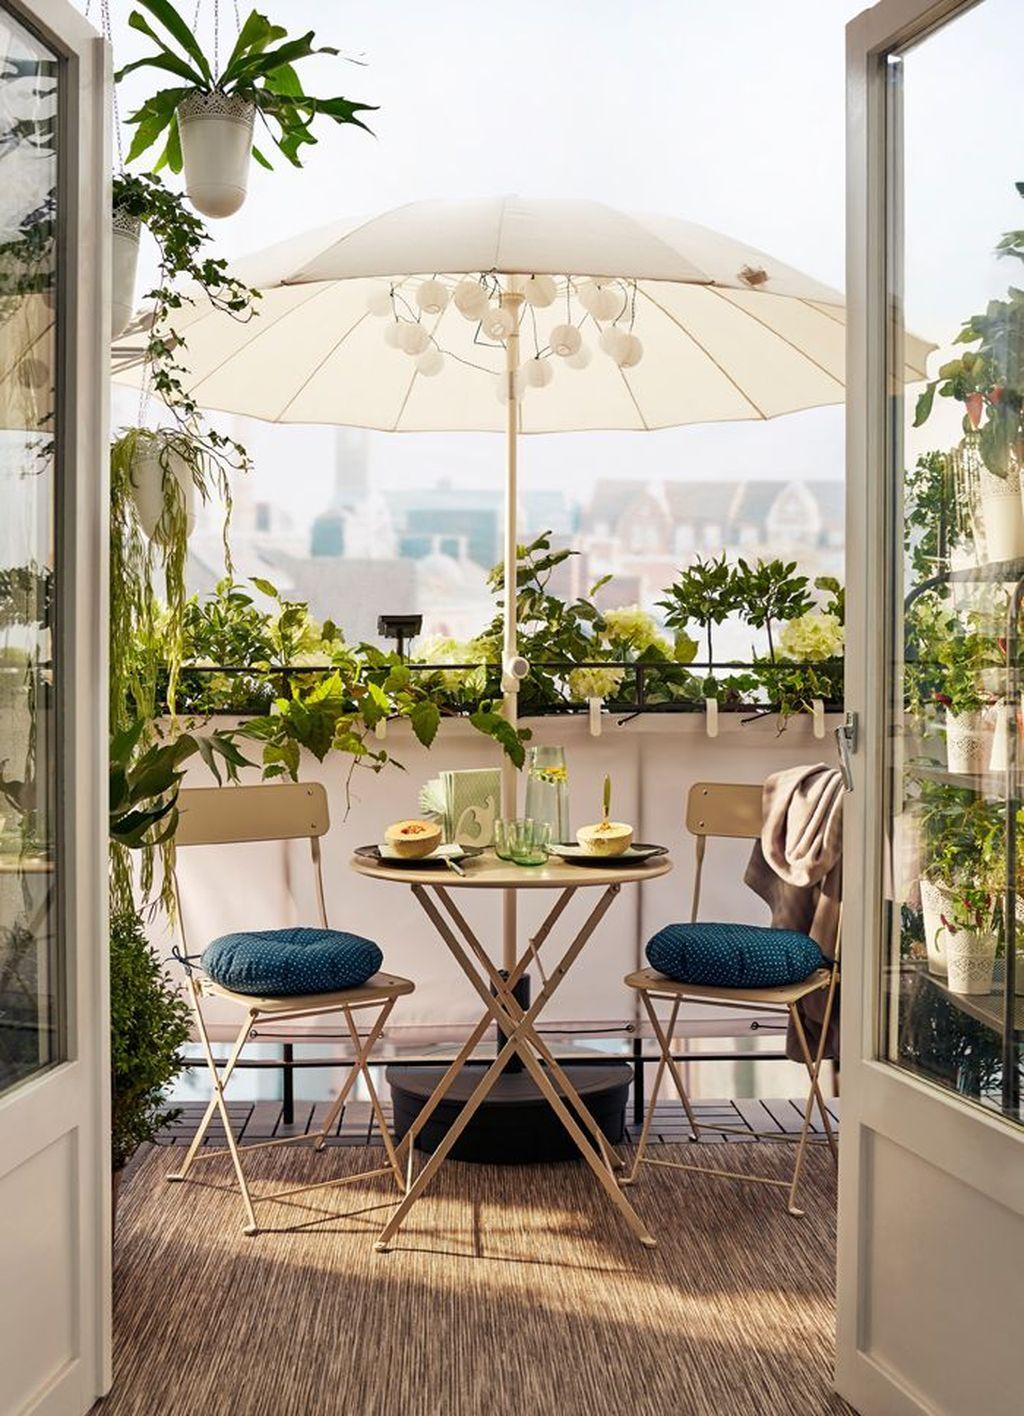 Arredo Balconi E Terrazze 36 awesome balcony decoration ideas | decorazione da balcone